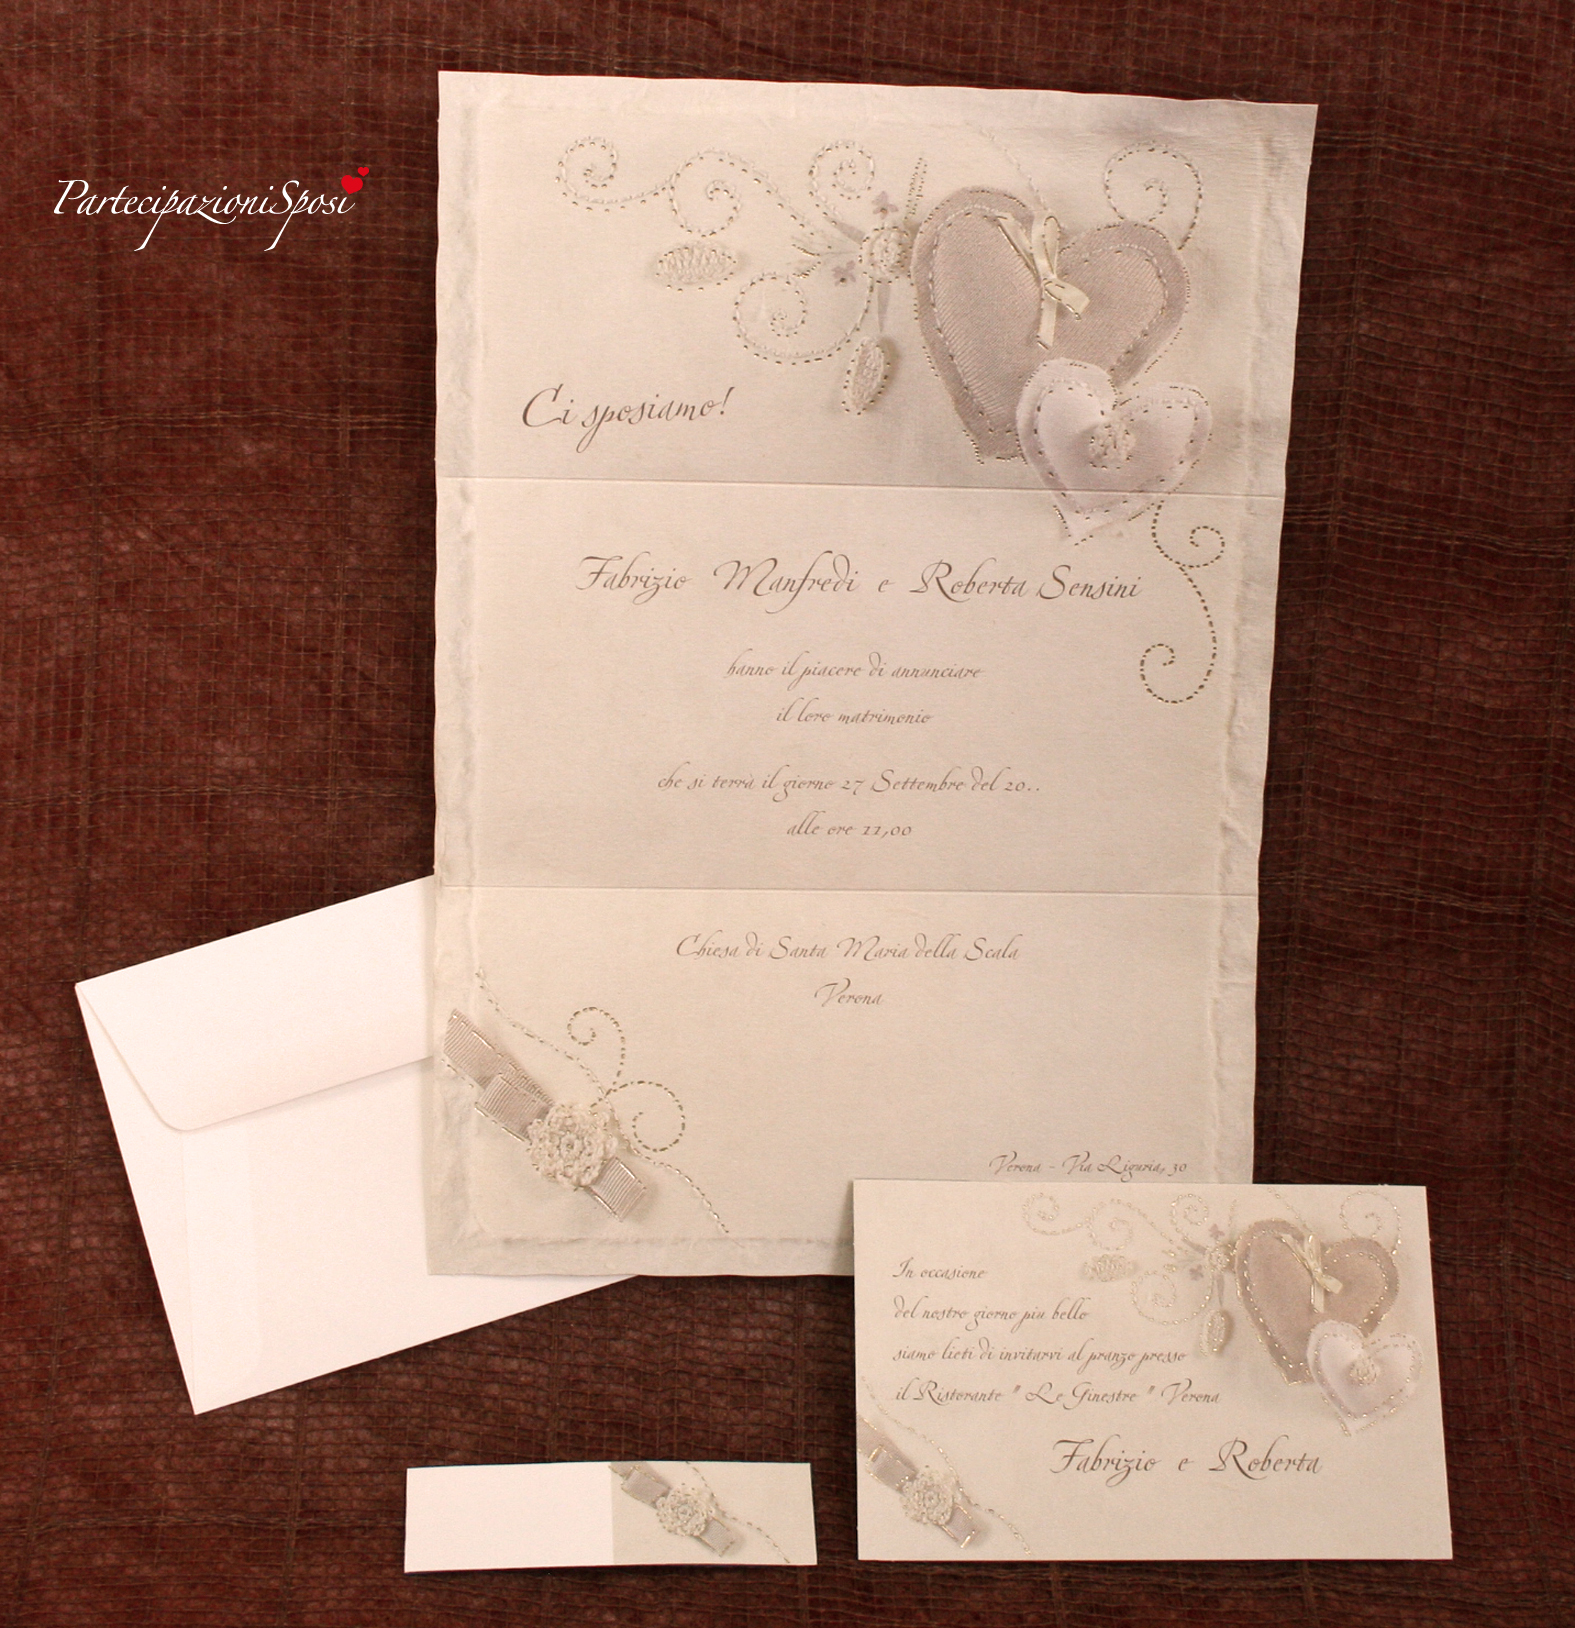 stampa Partecipazioni Nozze, inviti matrimoniali, biglietti bomboniera ...